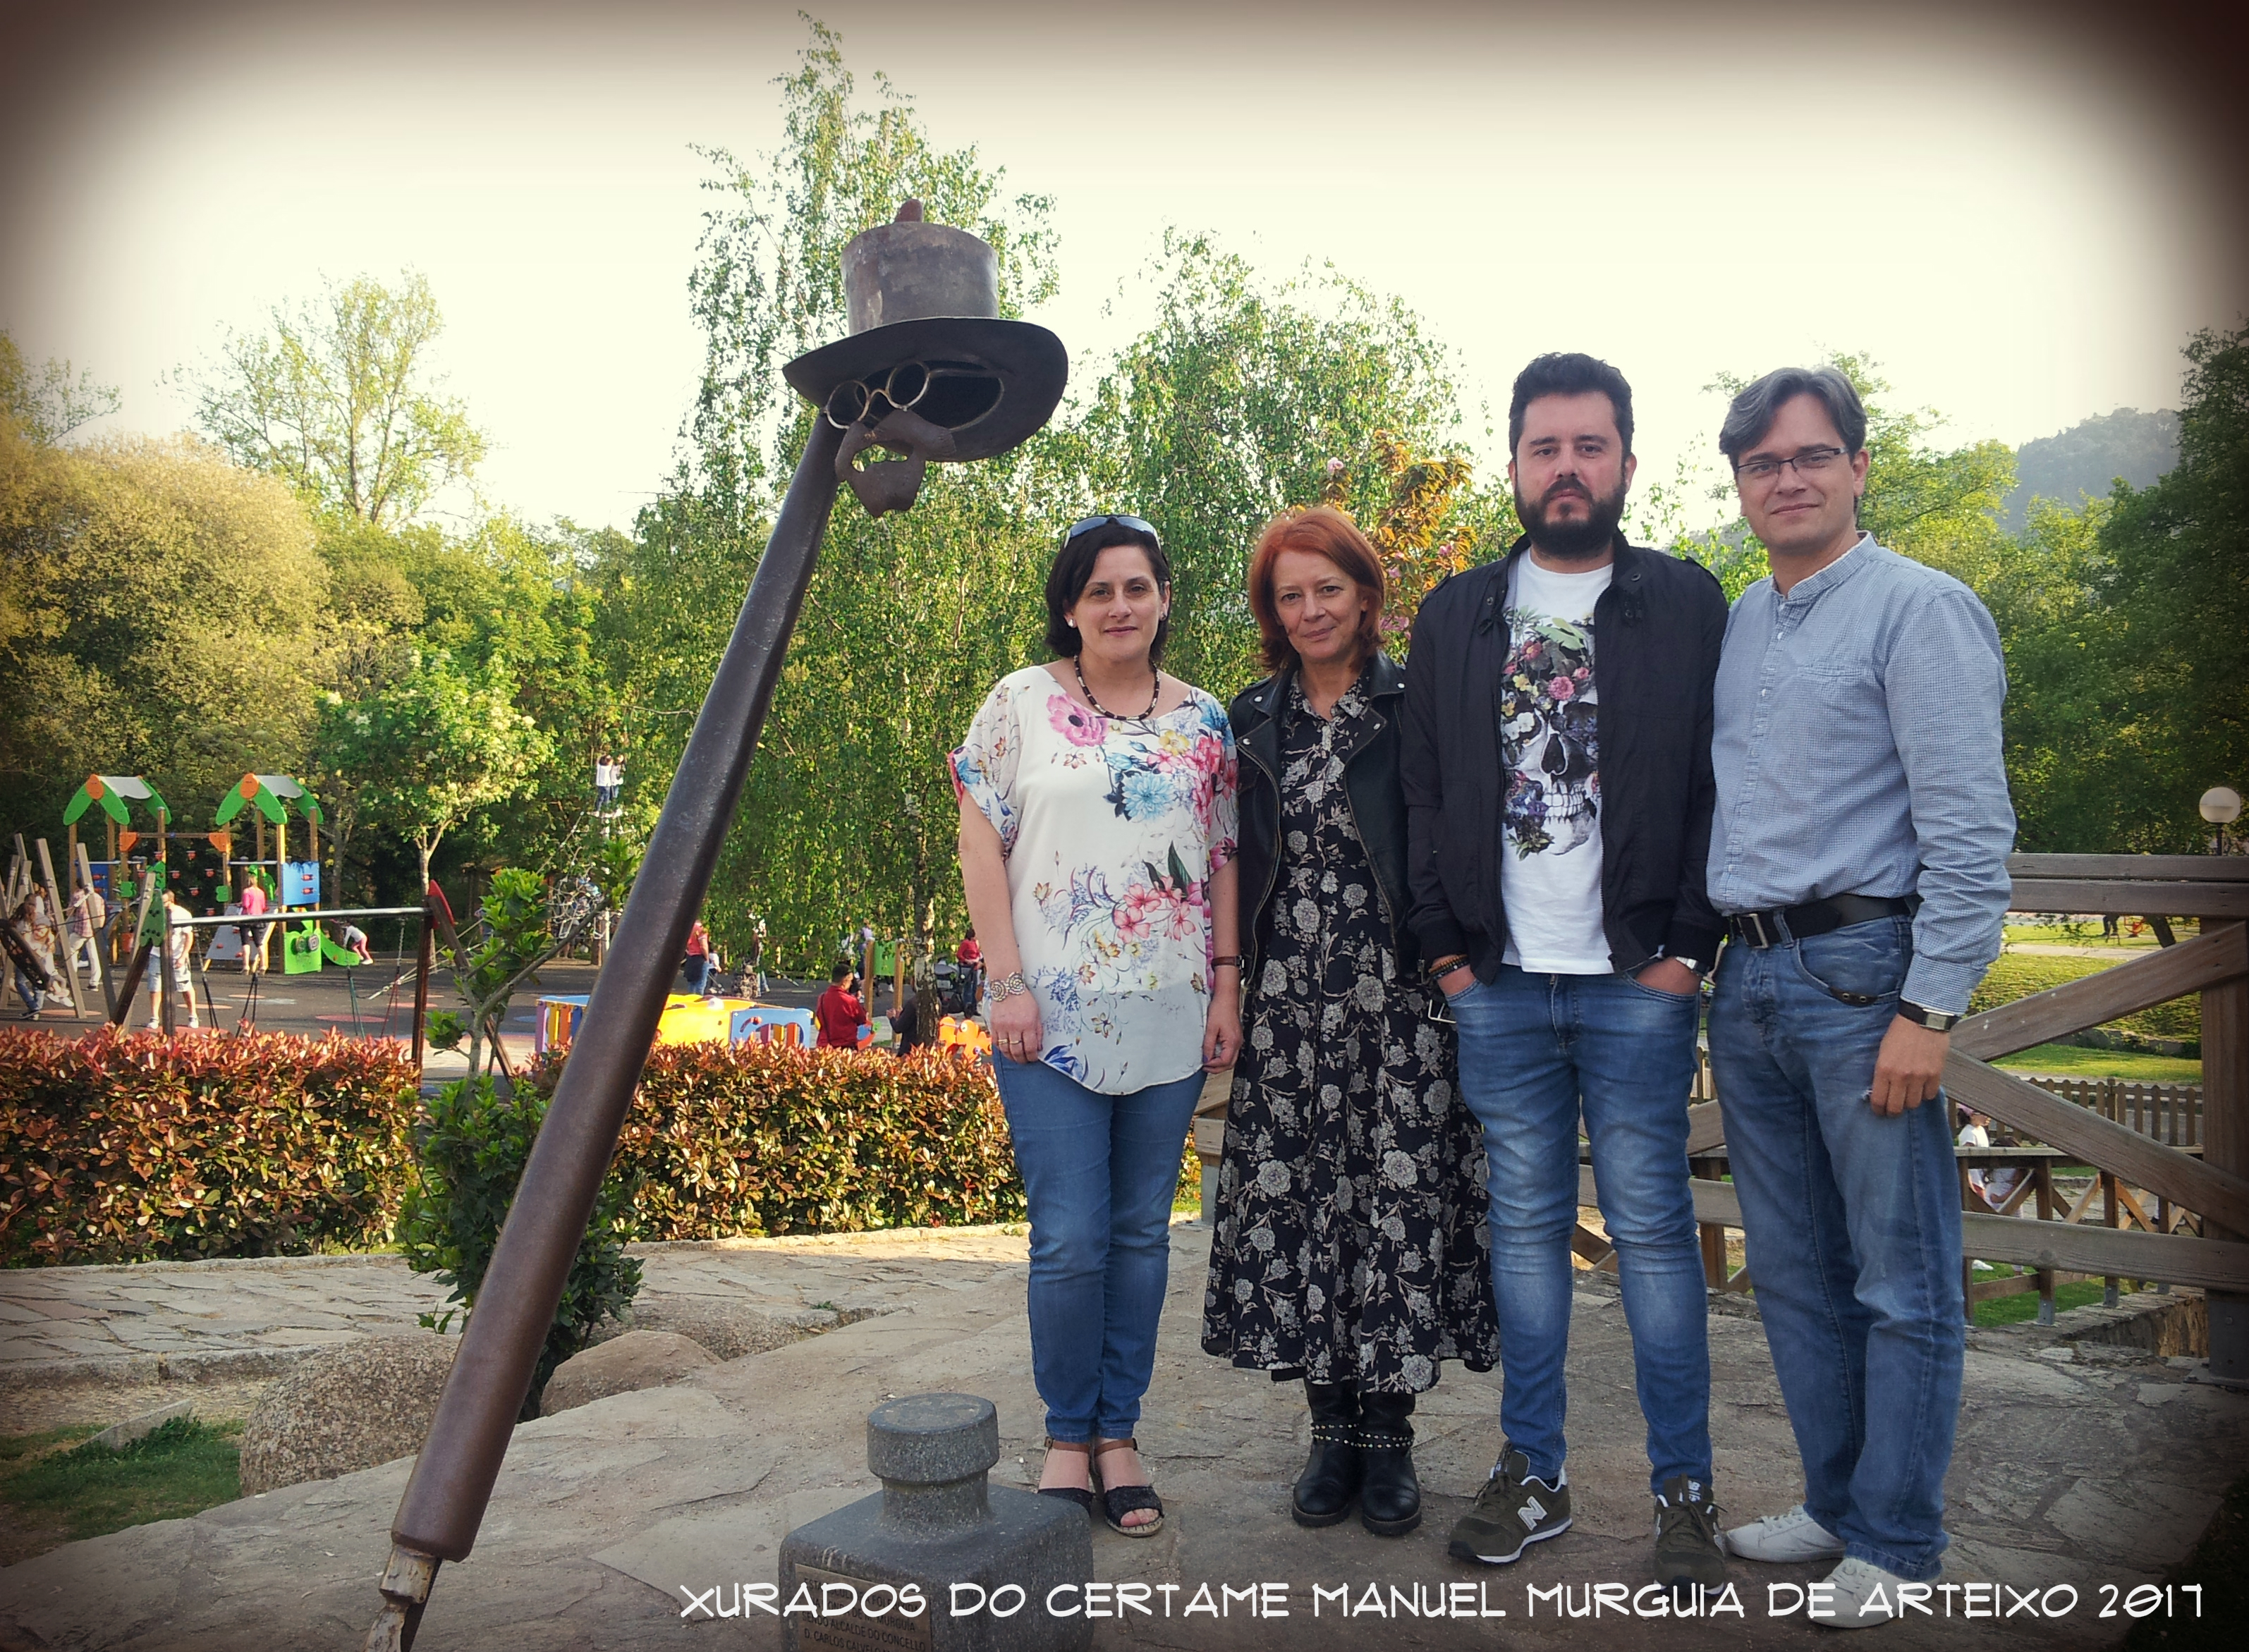 certame-mmurguia-arteixo-2017_xurados